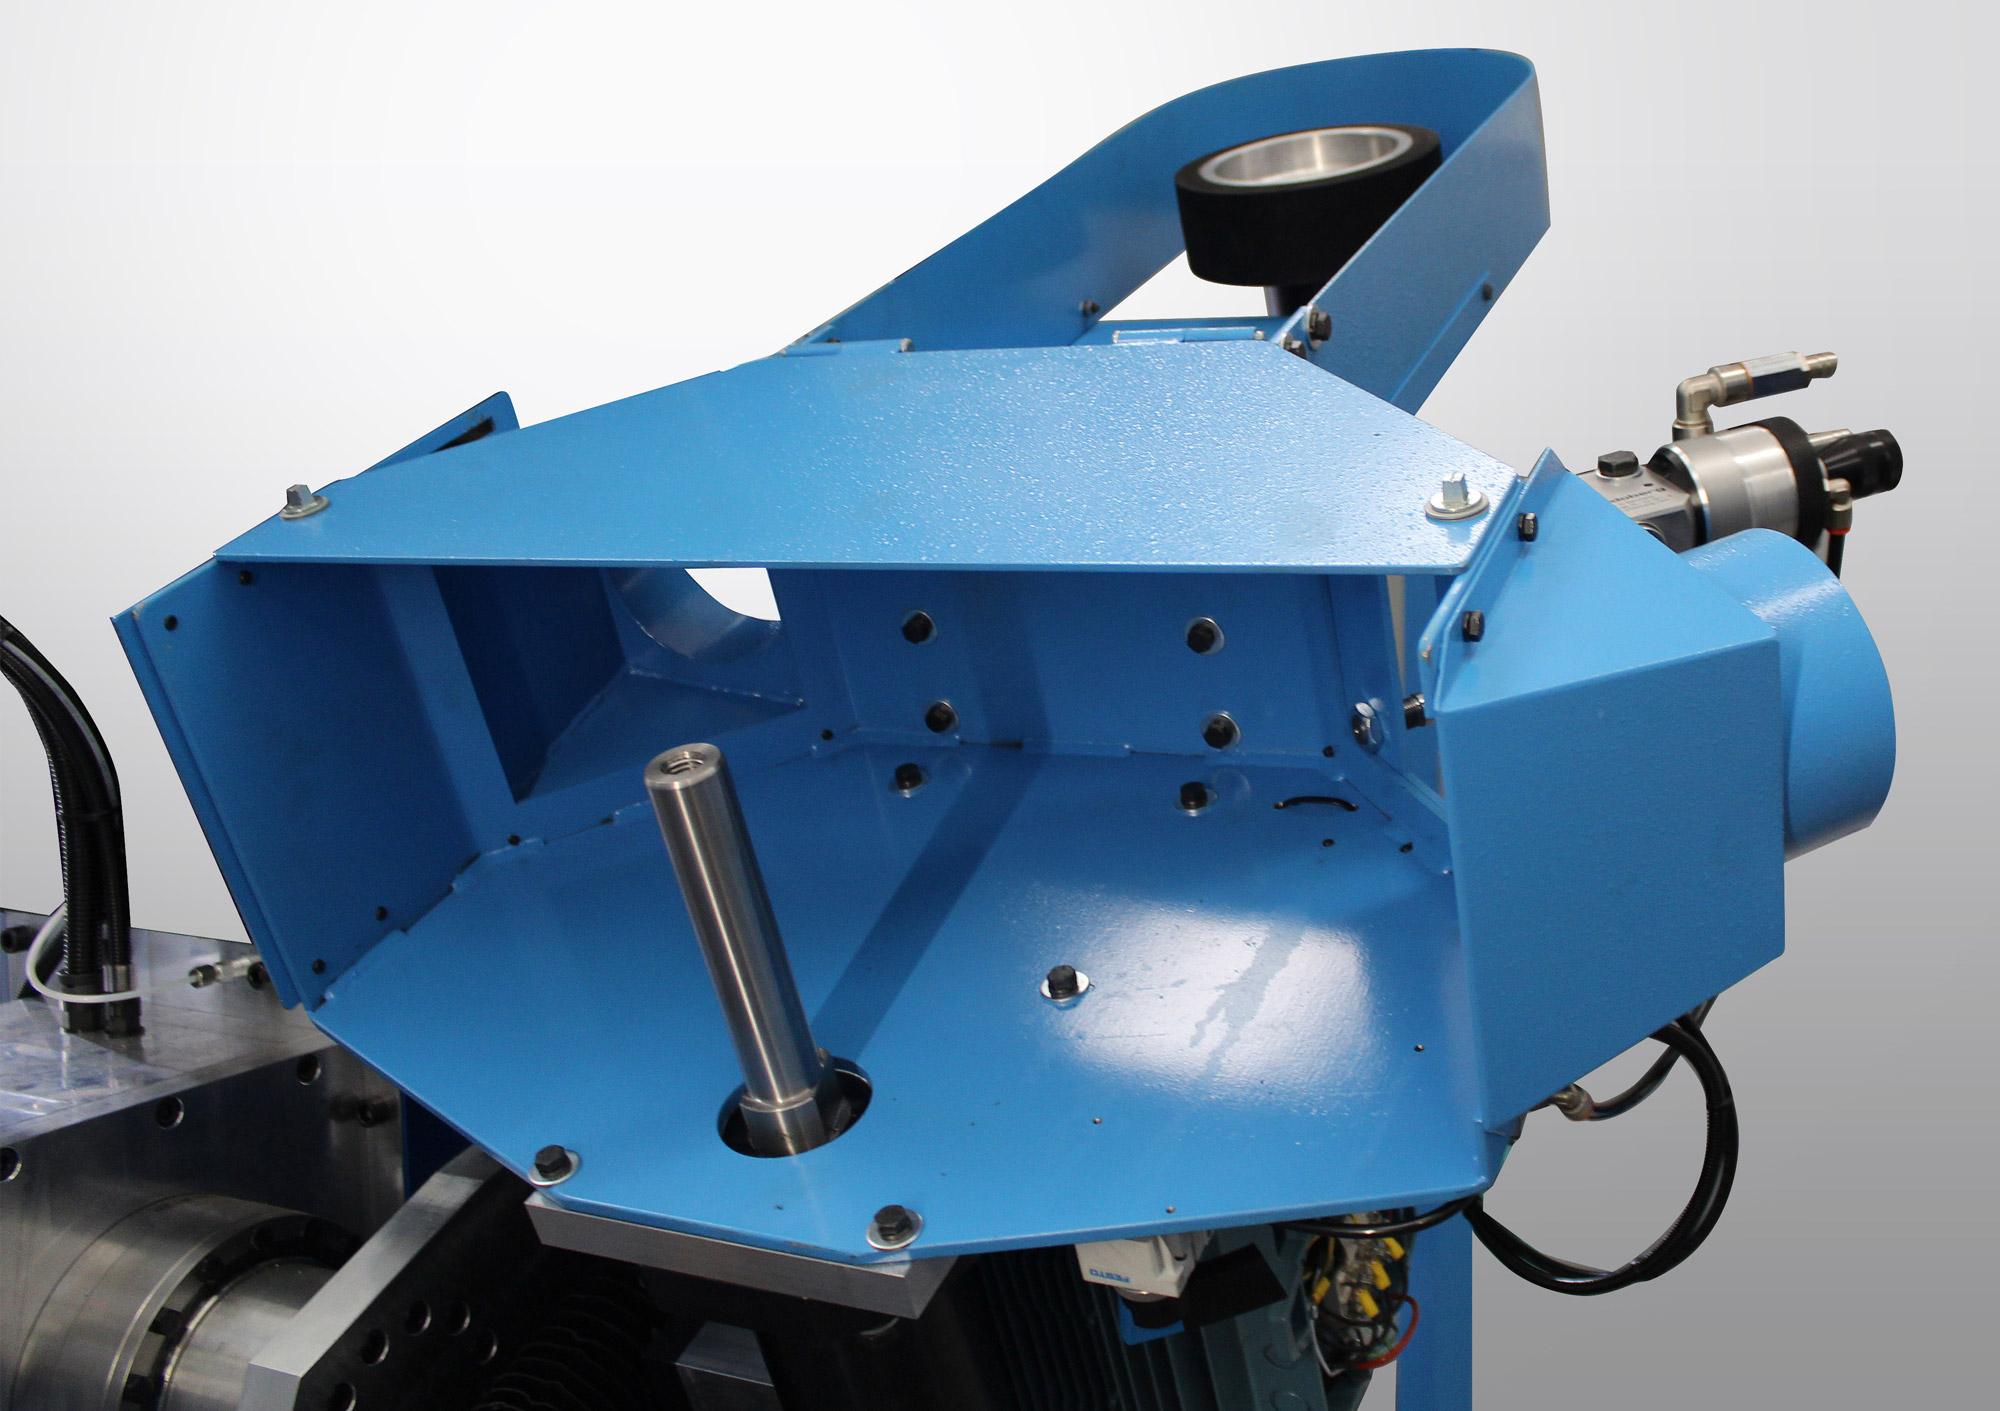 Carrousel rotatif indexé avec unité d'émerisage modèle C.N.C.S. et unité de polissage modèle C.N.C.